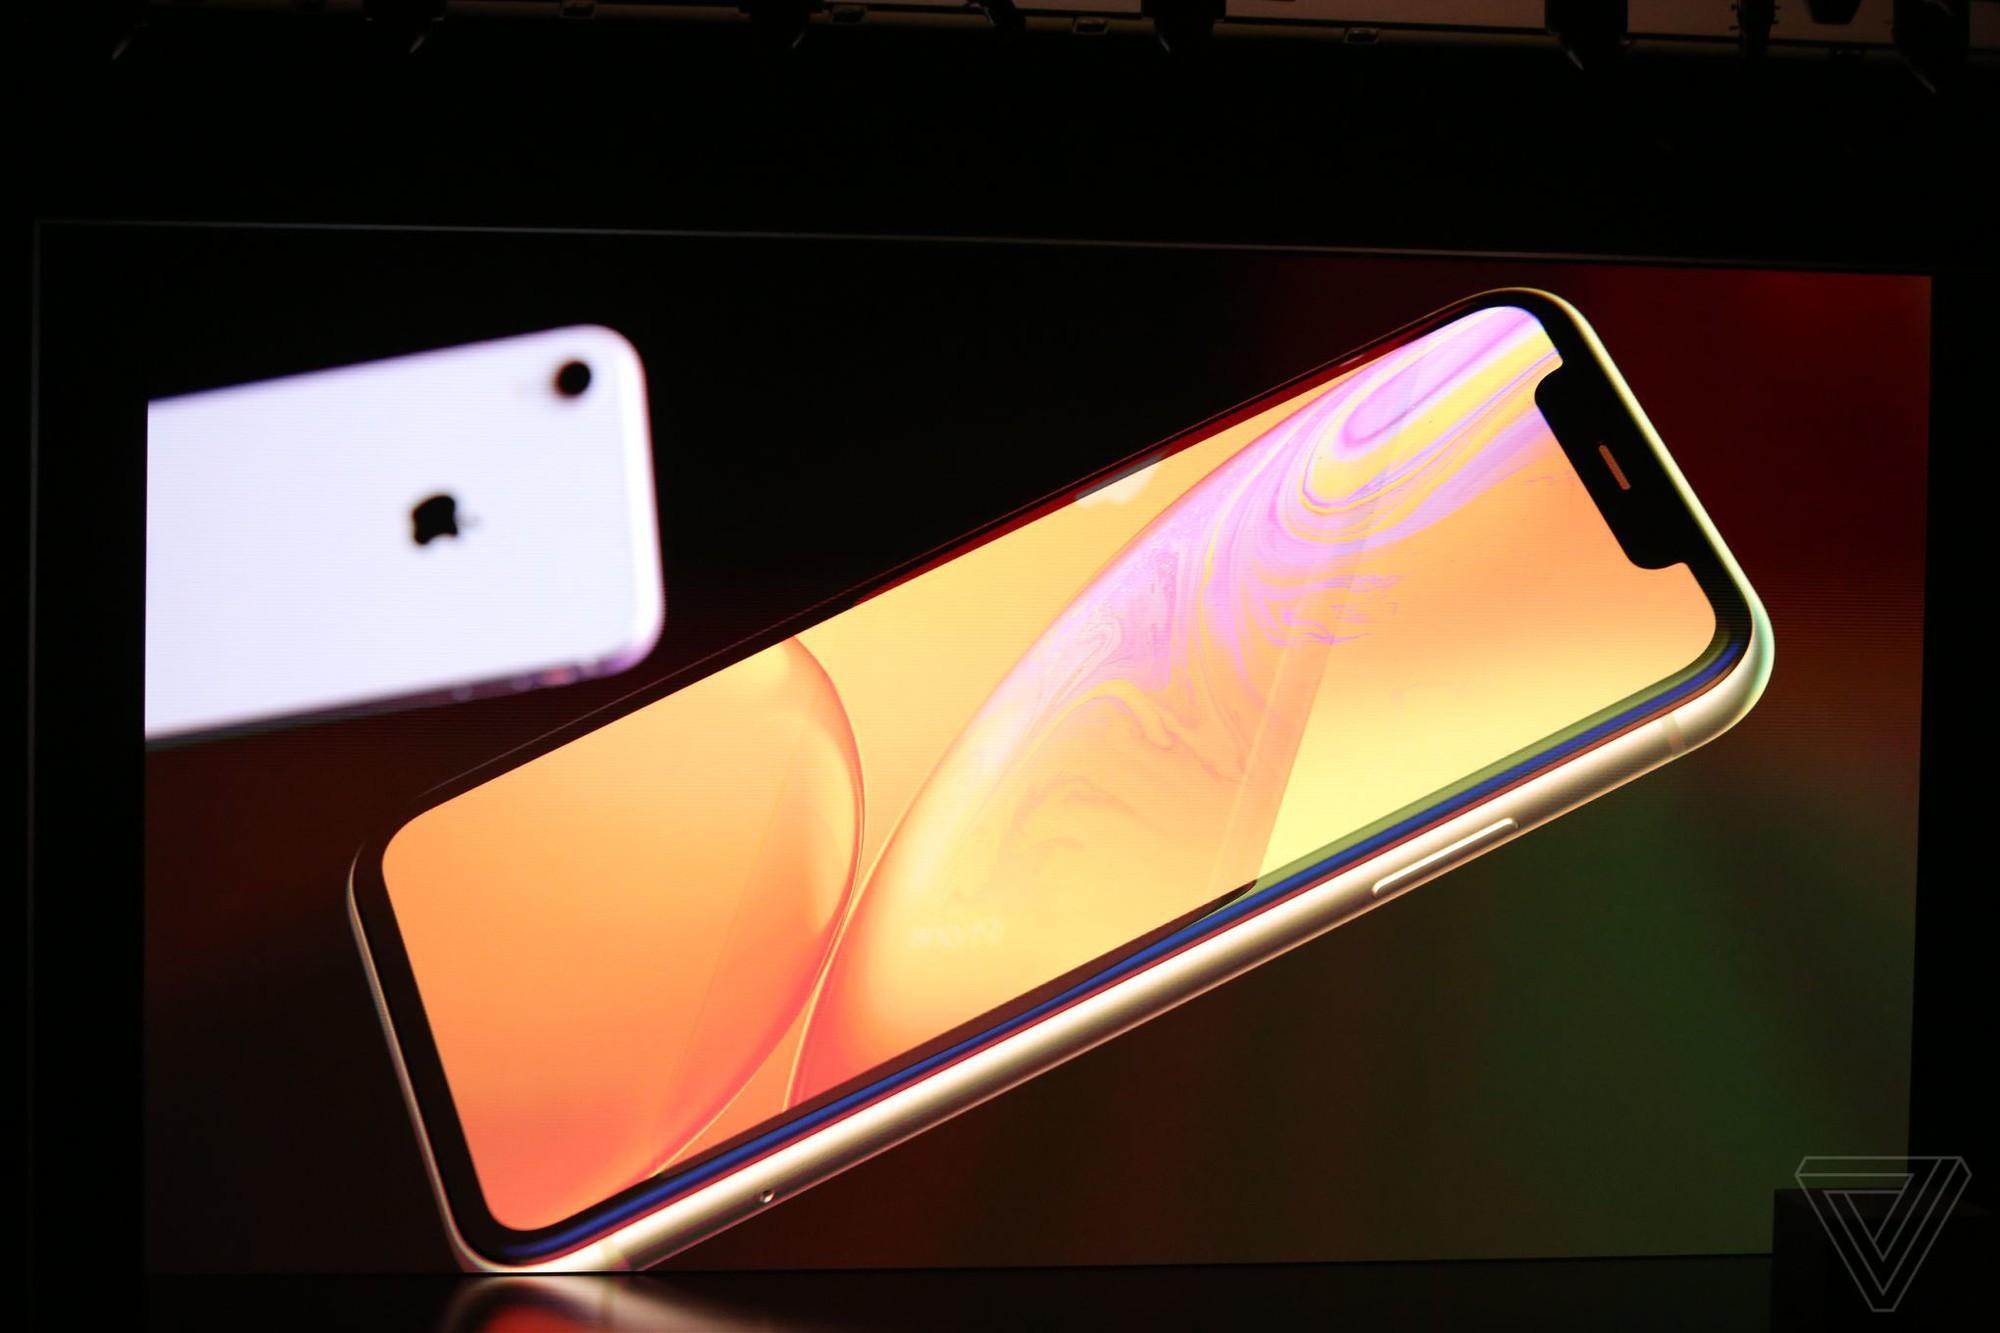 iPhone Xr đây rồi: nhìn như iPhone Xs, có màu xanh nước biển nhưng giá chỉ có 17 triệu thôi - Ảnh 1.